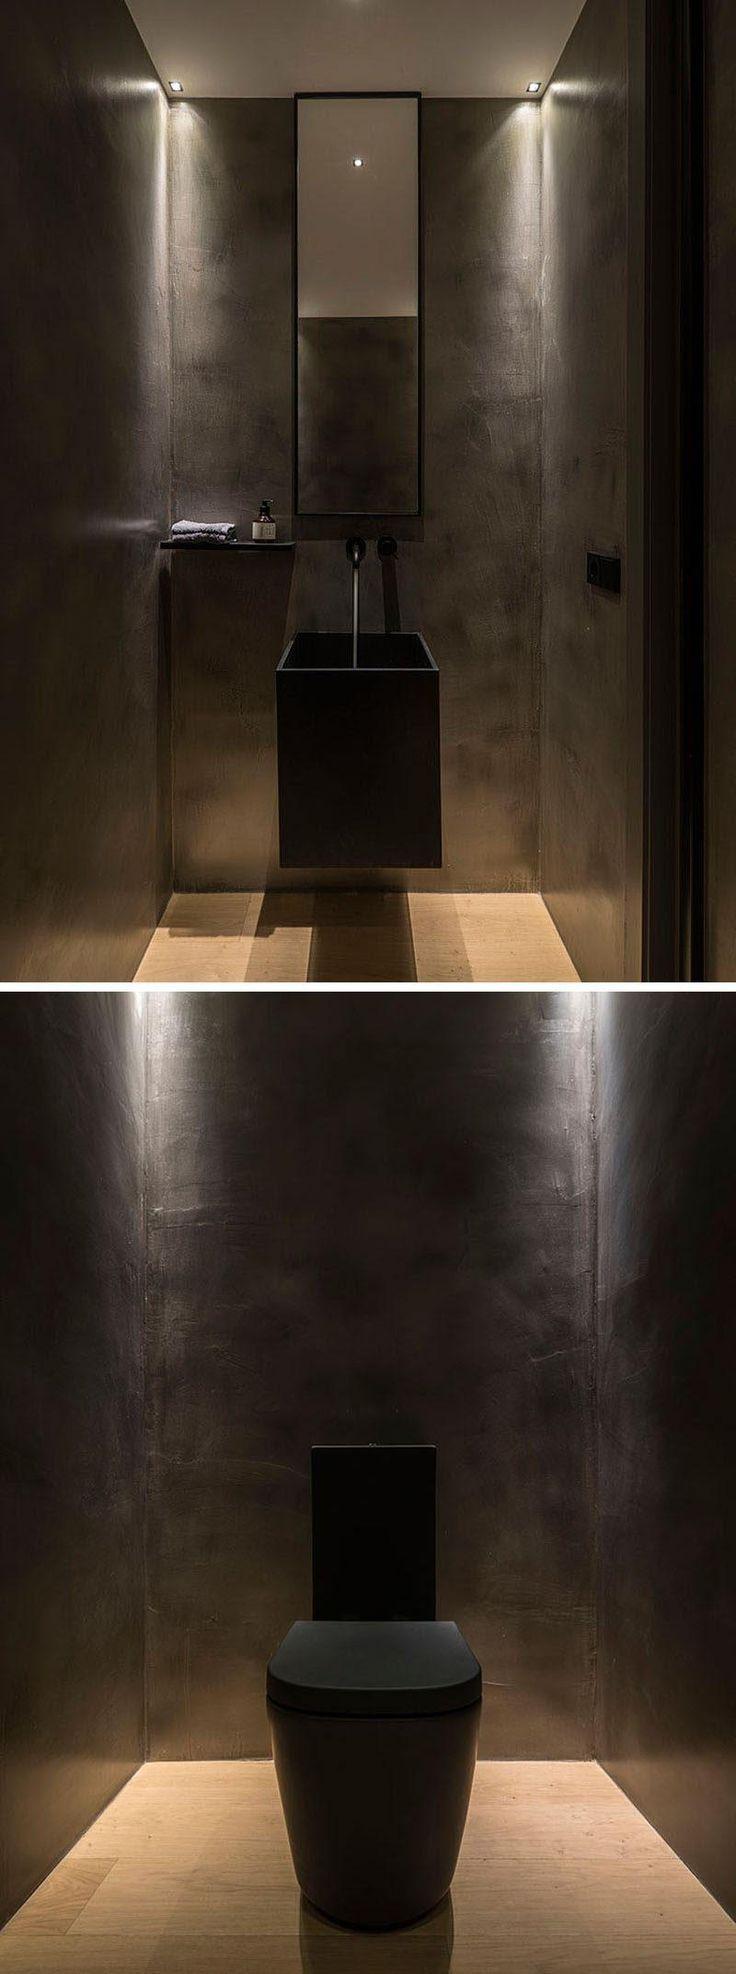 In Diesem Modernen Puderzimmer Sind Die Wande Waschbecken Und